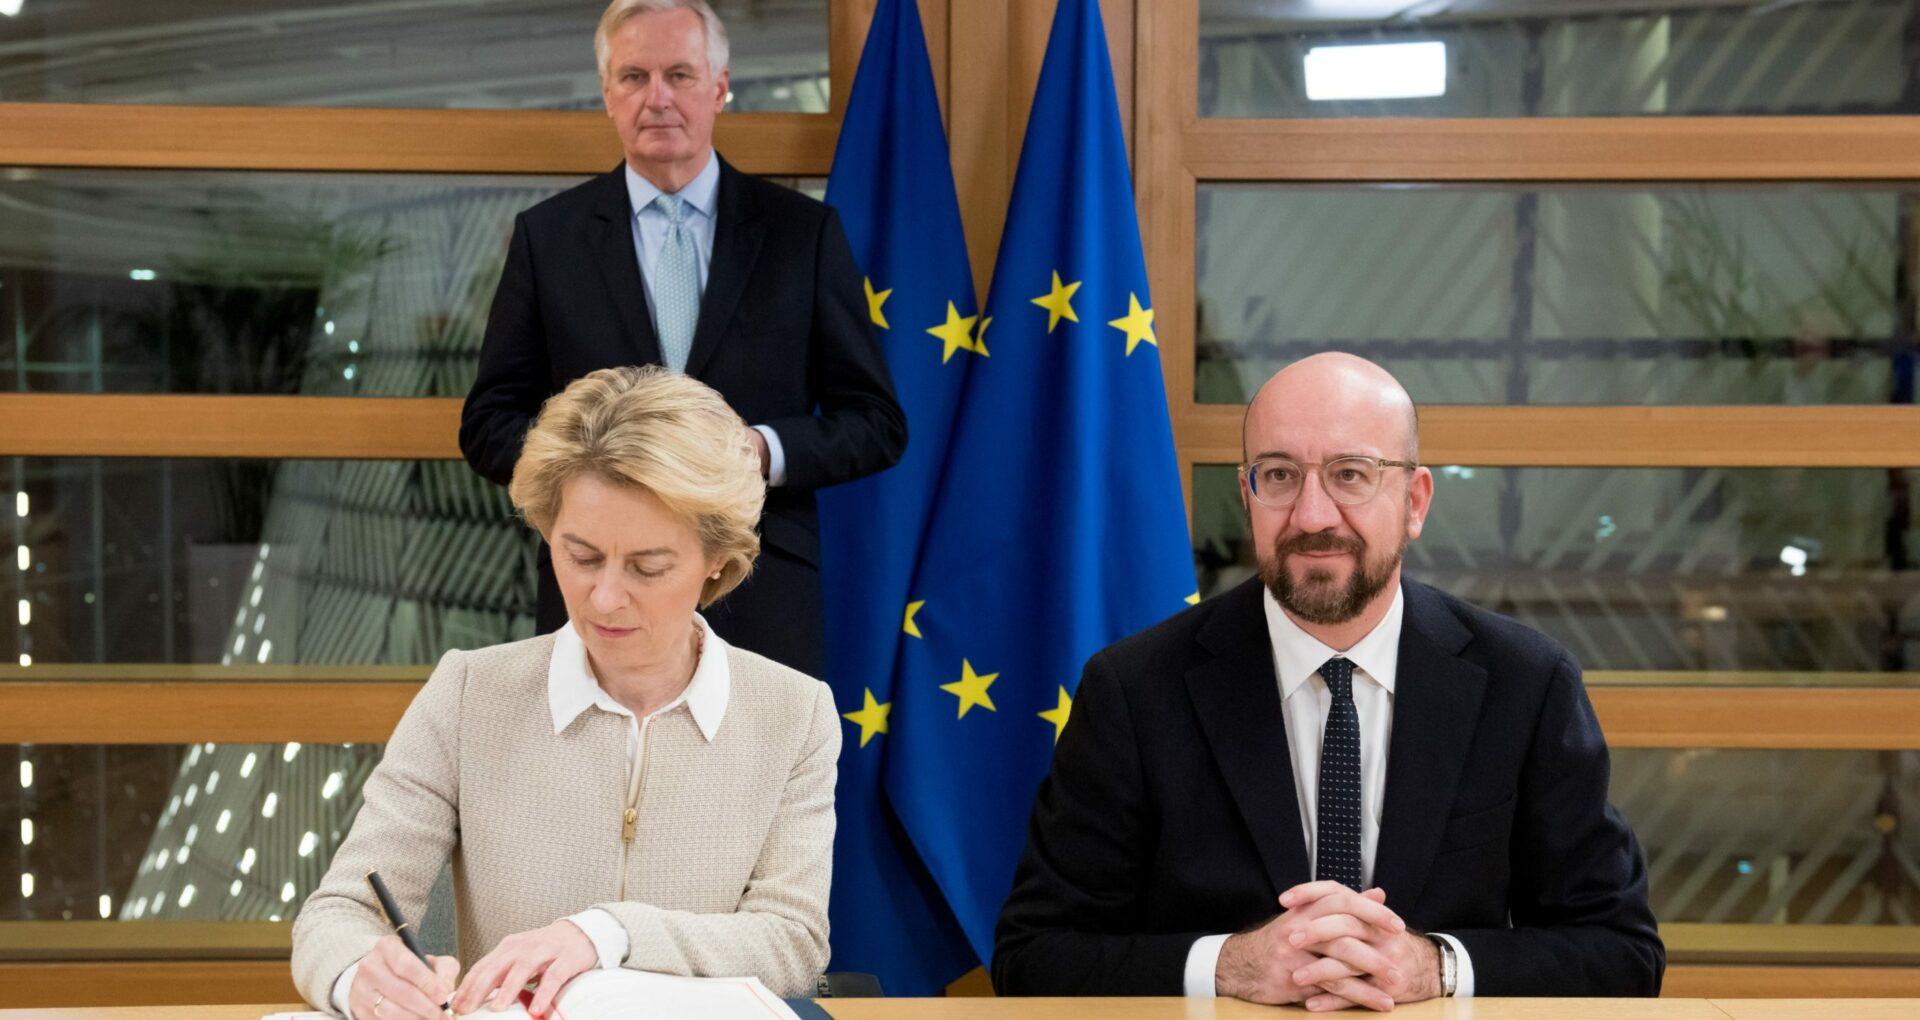 Mesajele președintelui Consiliului European și președintei Comisiei Europene după votul din Parlament împotriva Curții Constituționale